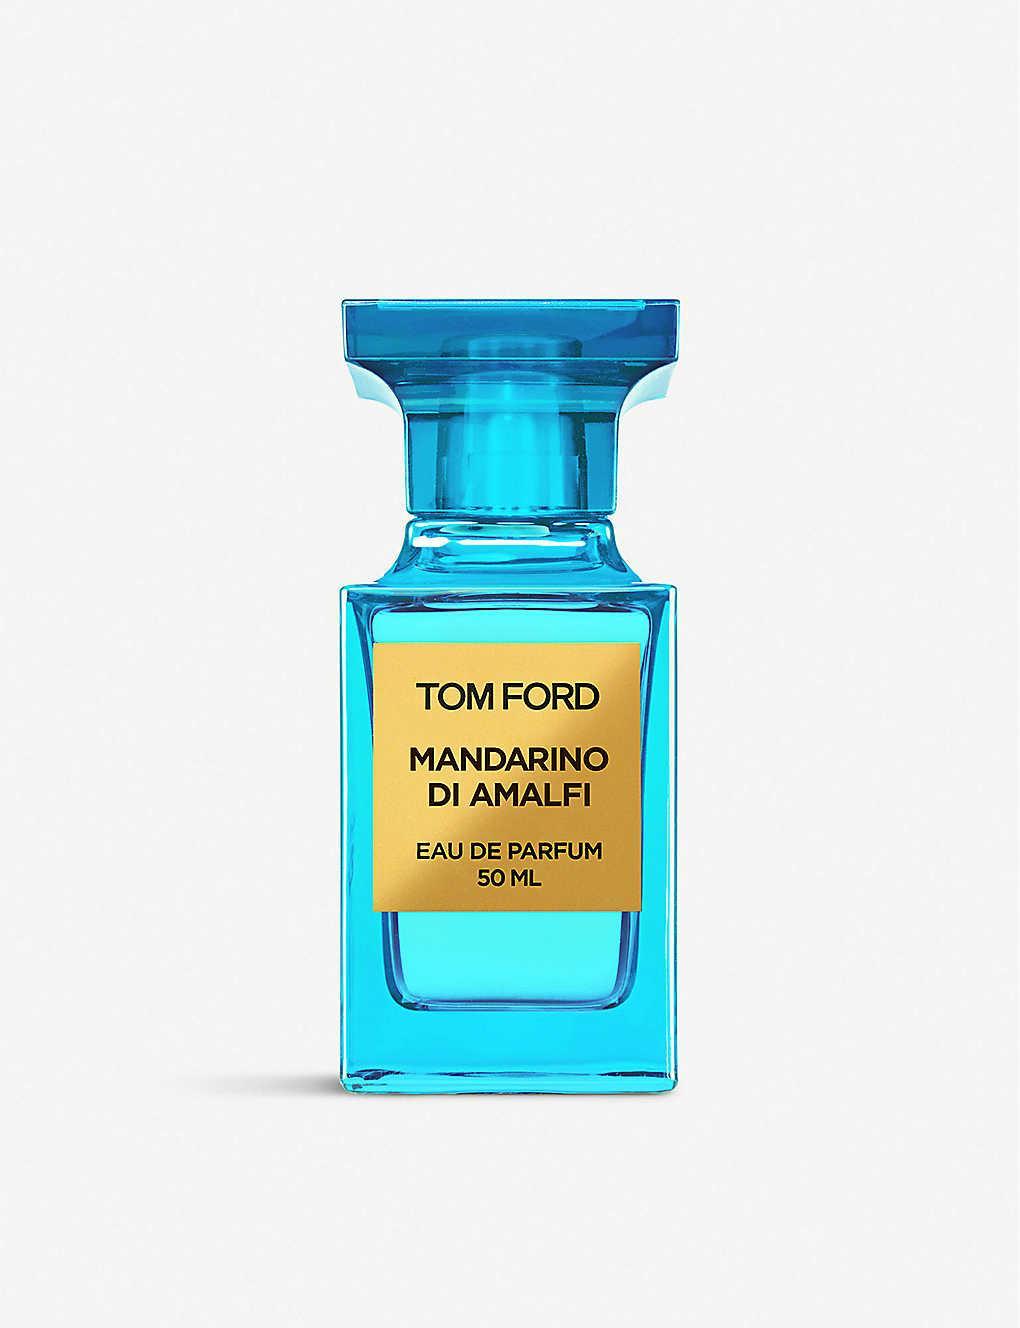 Tom Ford Mandarino Di Amalfi Acqua for Unisex Eau De Parfum 50ML